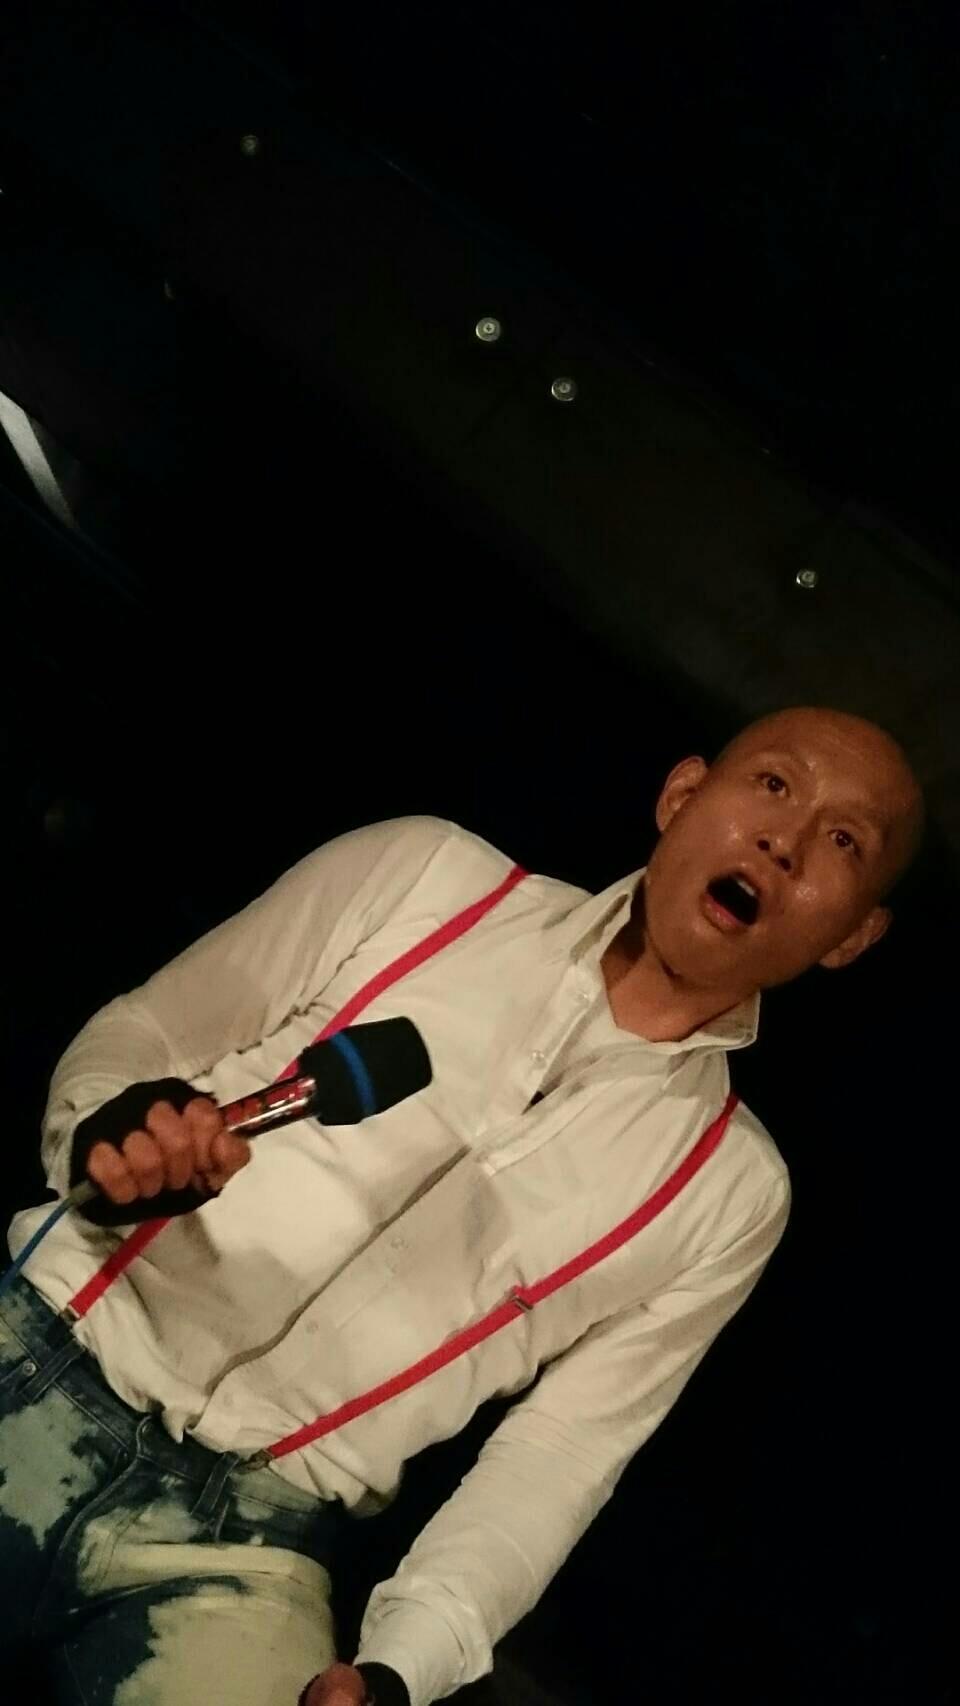 【ZEX】昨日ありがとうございました&土曜は滋賀でーす【またねー‼】その1 _c0308247_18360968.jpg